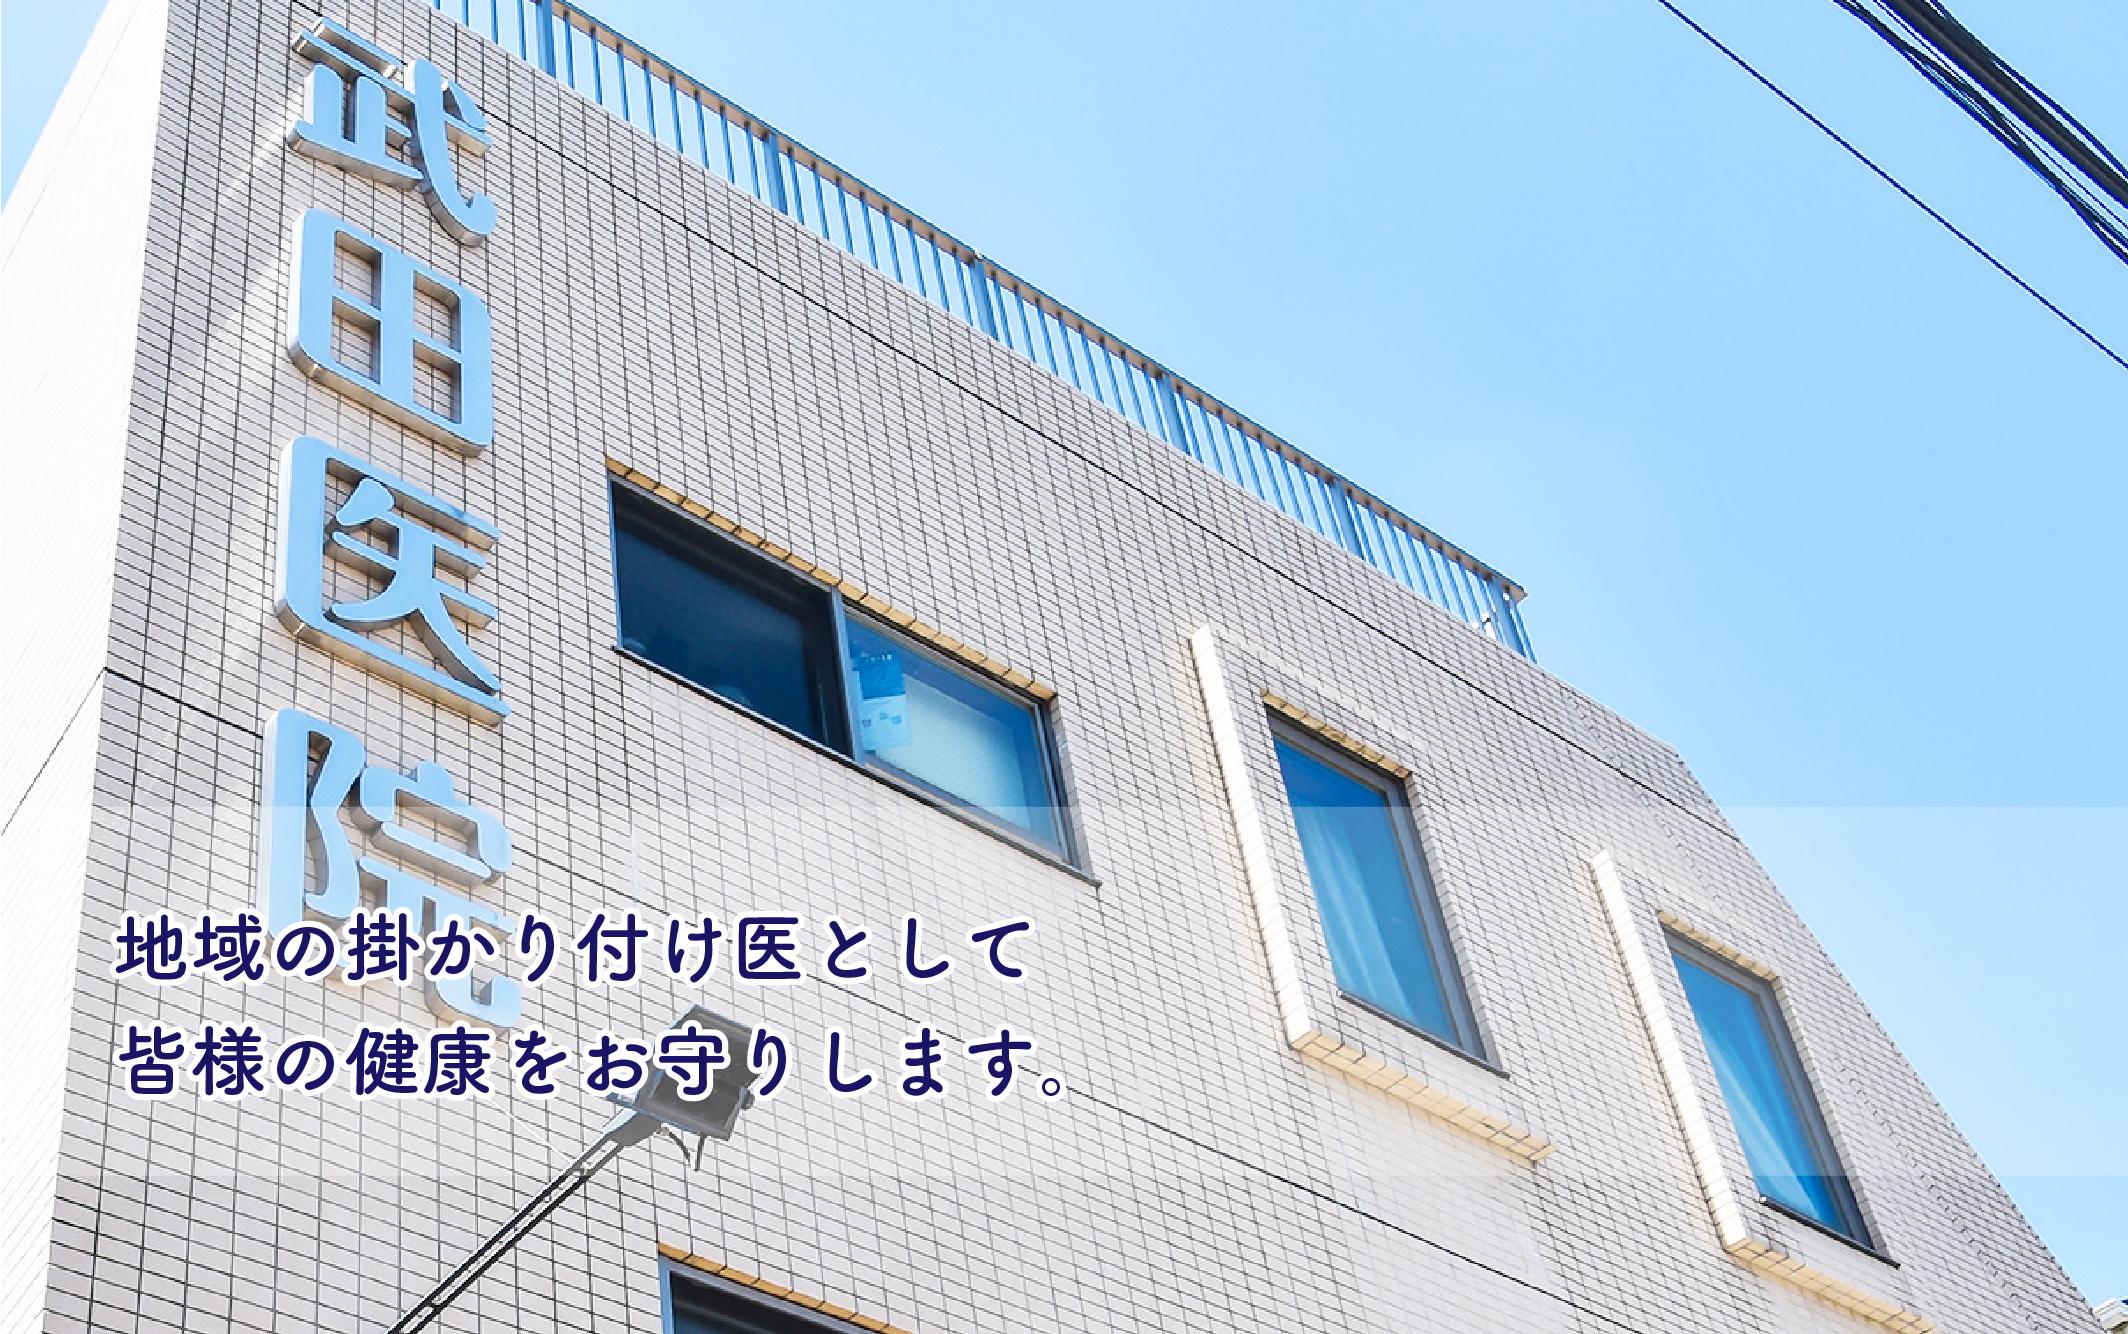 takeda-92502